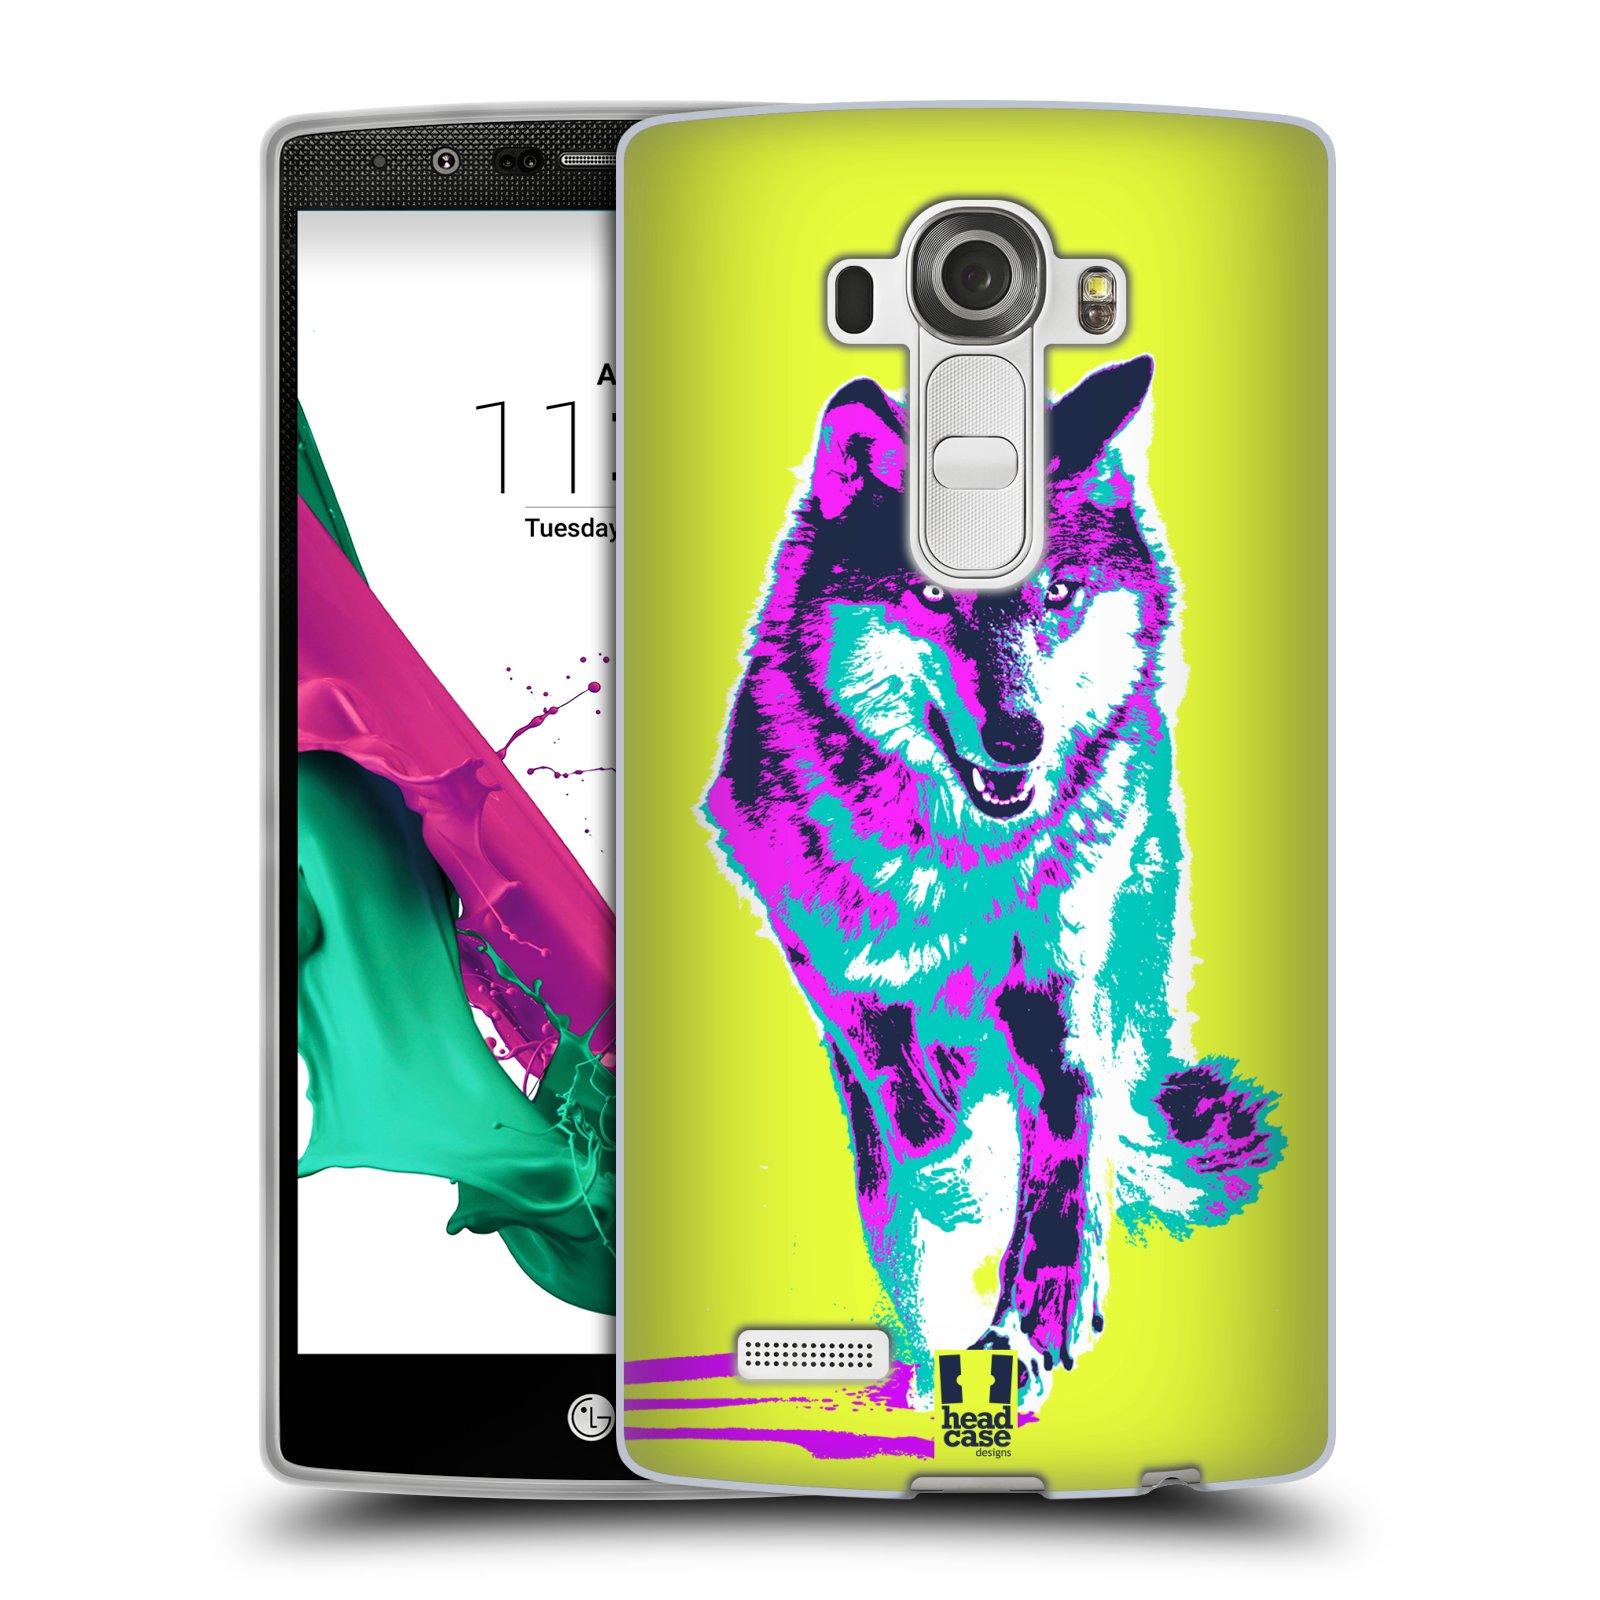 Silikonové pouzdro na mobil LG G4 HEAD CASE POP PRINT VLK (Silikonový kryt či obal na mobilní telefon LG G4 H815)